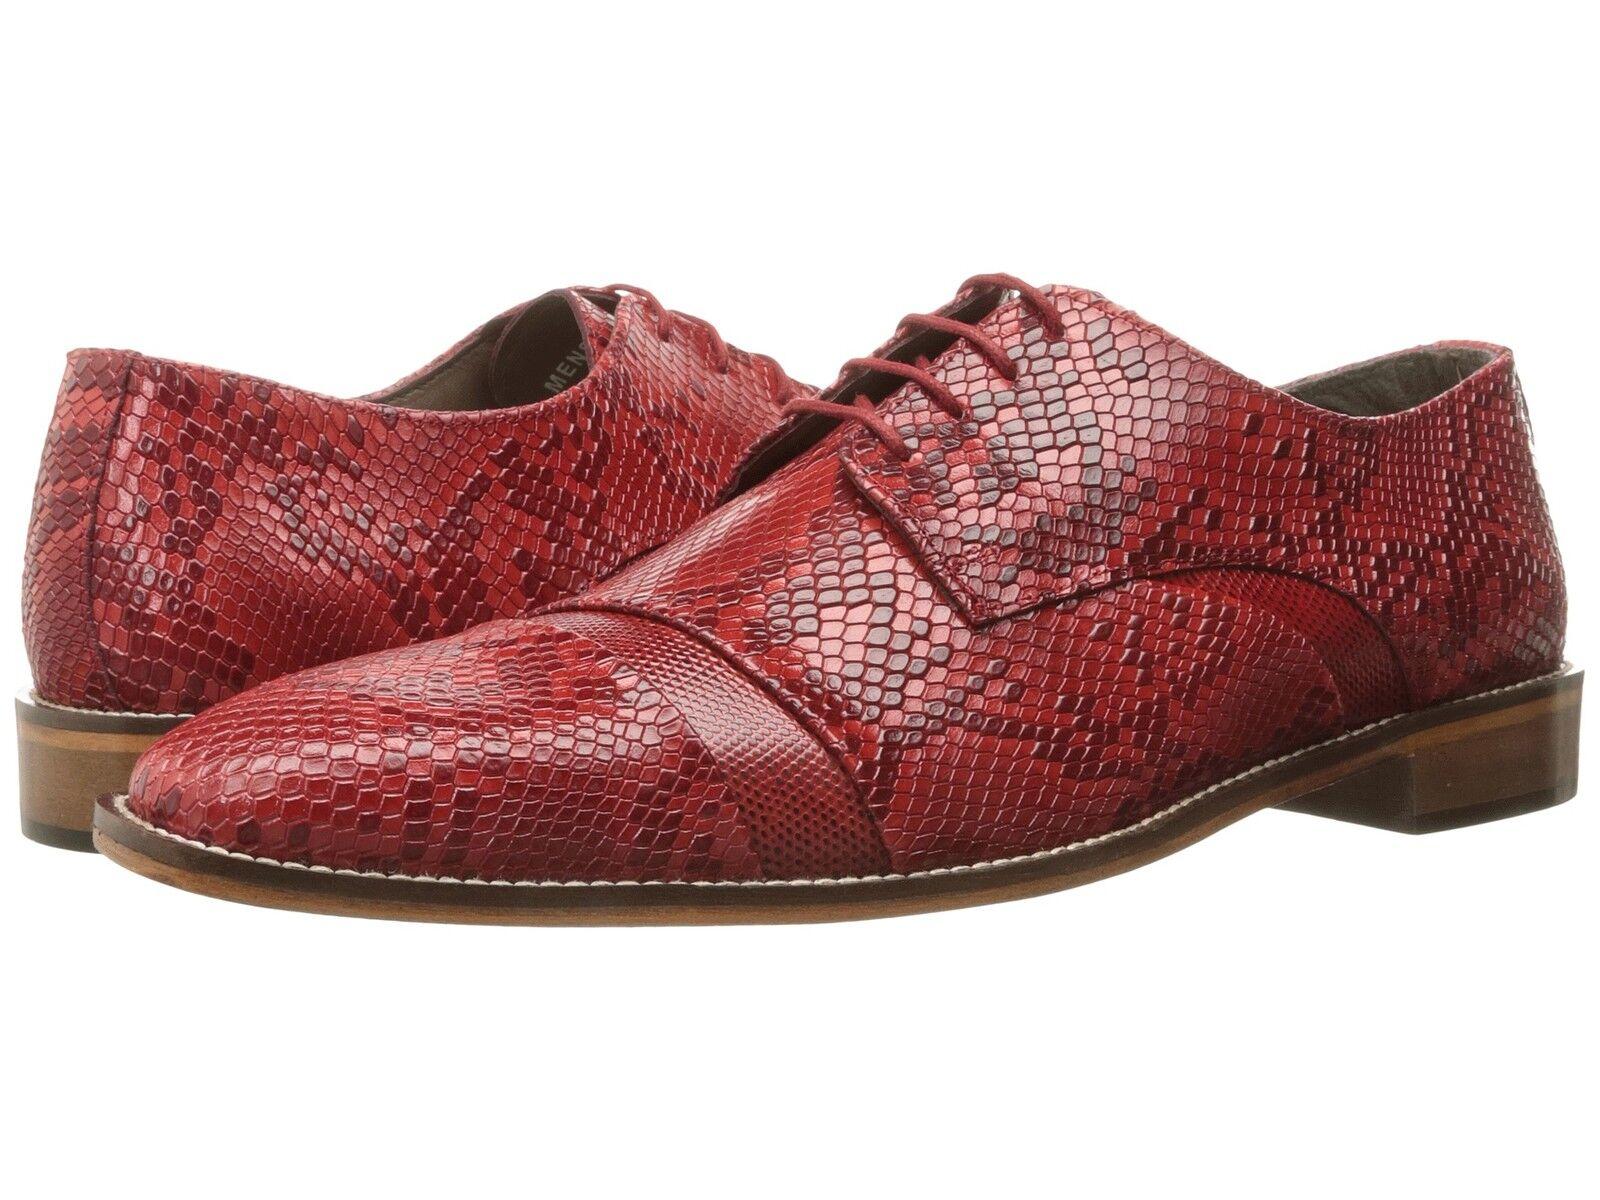 fornire un prodotto di qualità Stacy Adams Uomo RIZZO Cap toe oxford rosso rosso rosso Leather scarpe 25086-600  prezzi più bassi